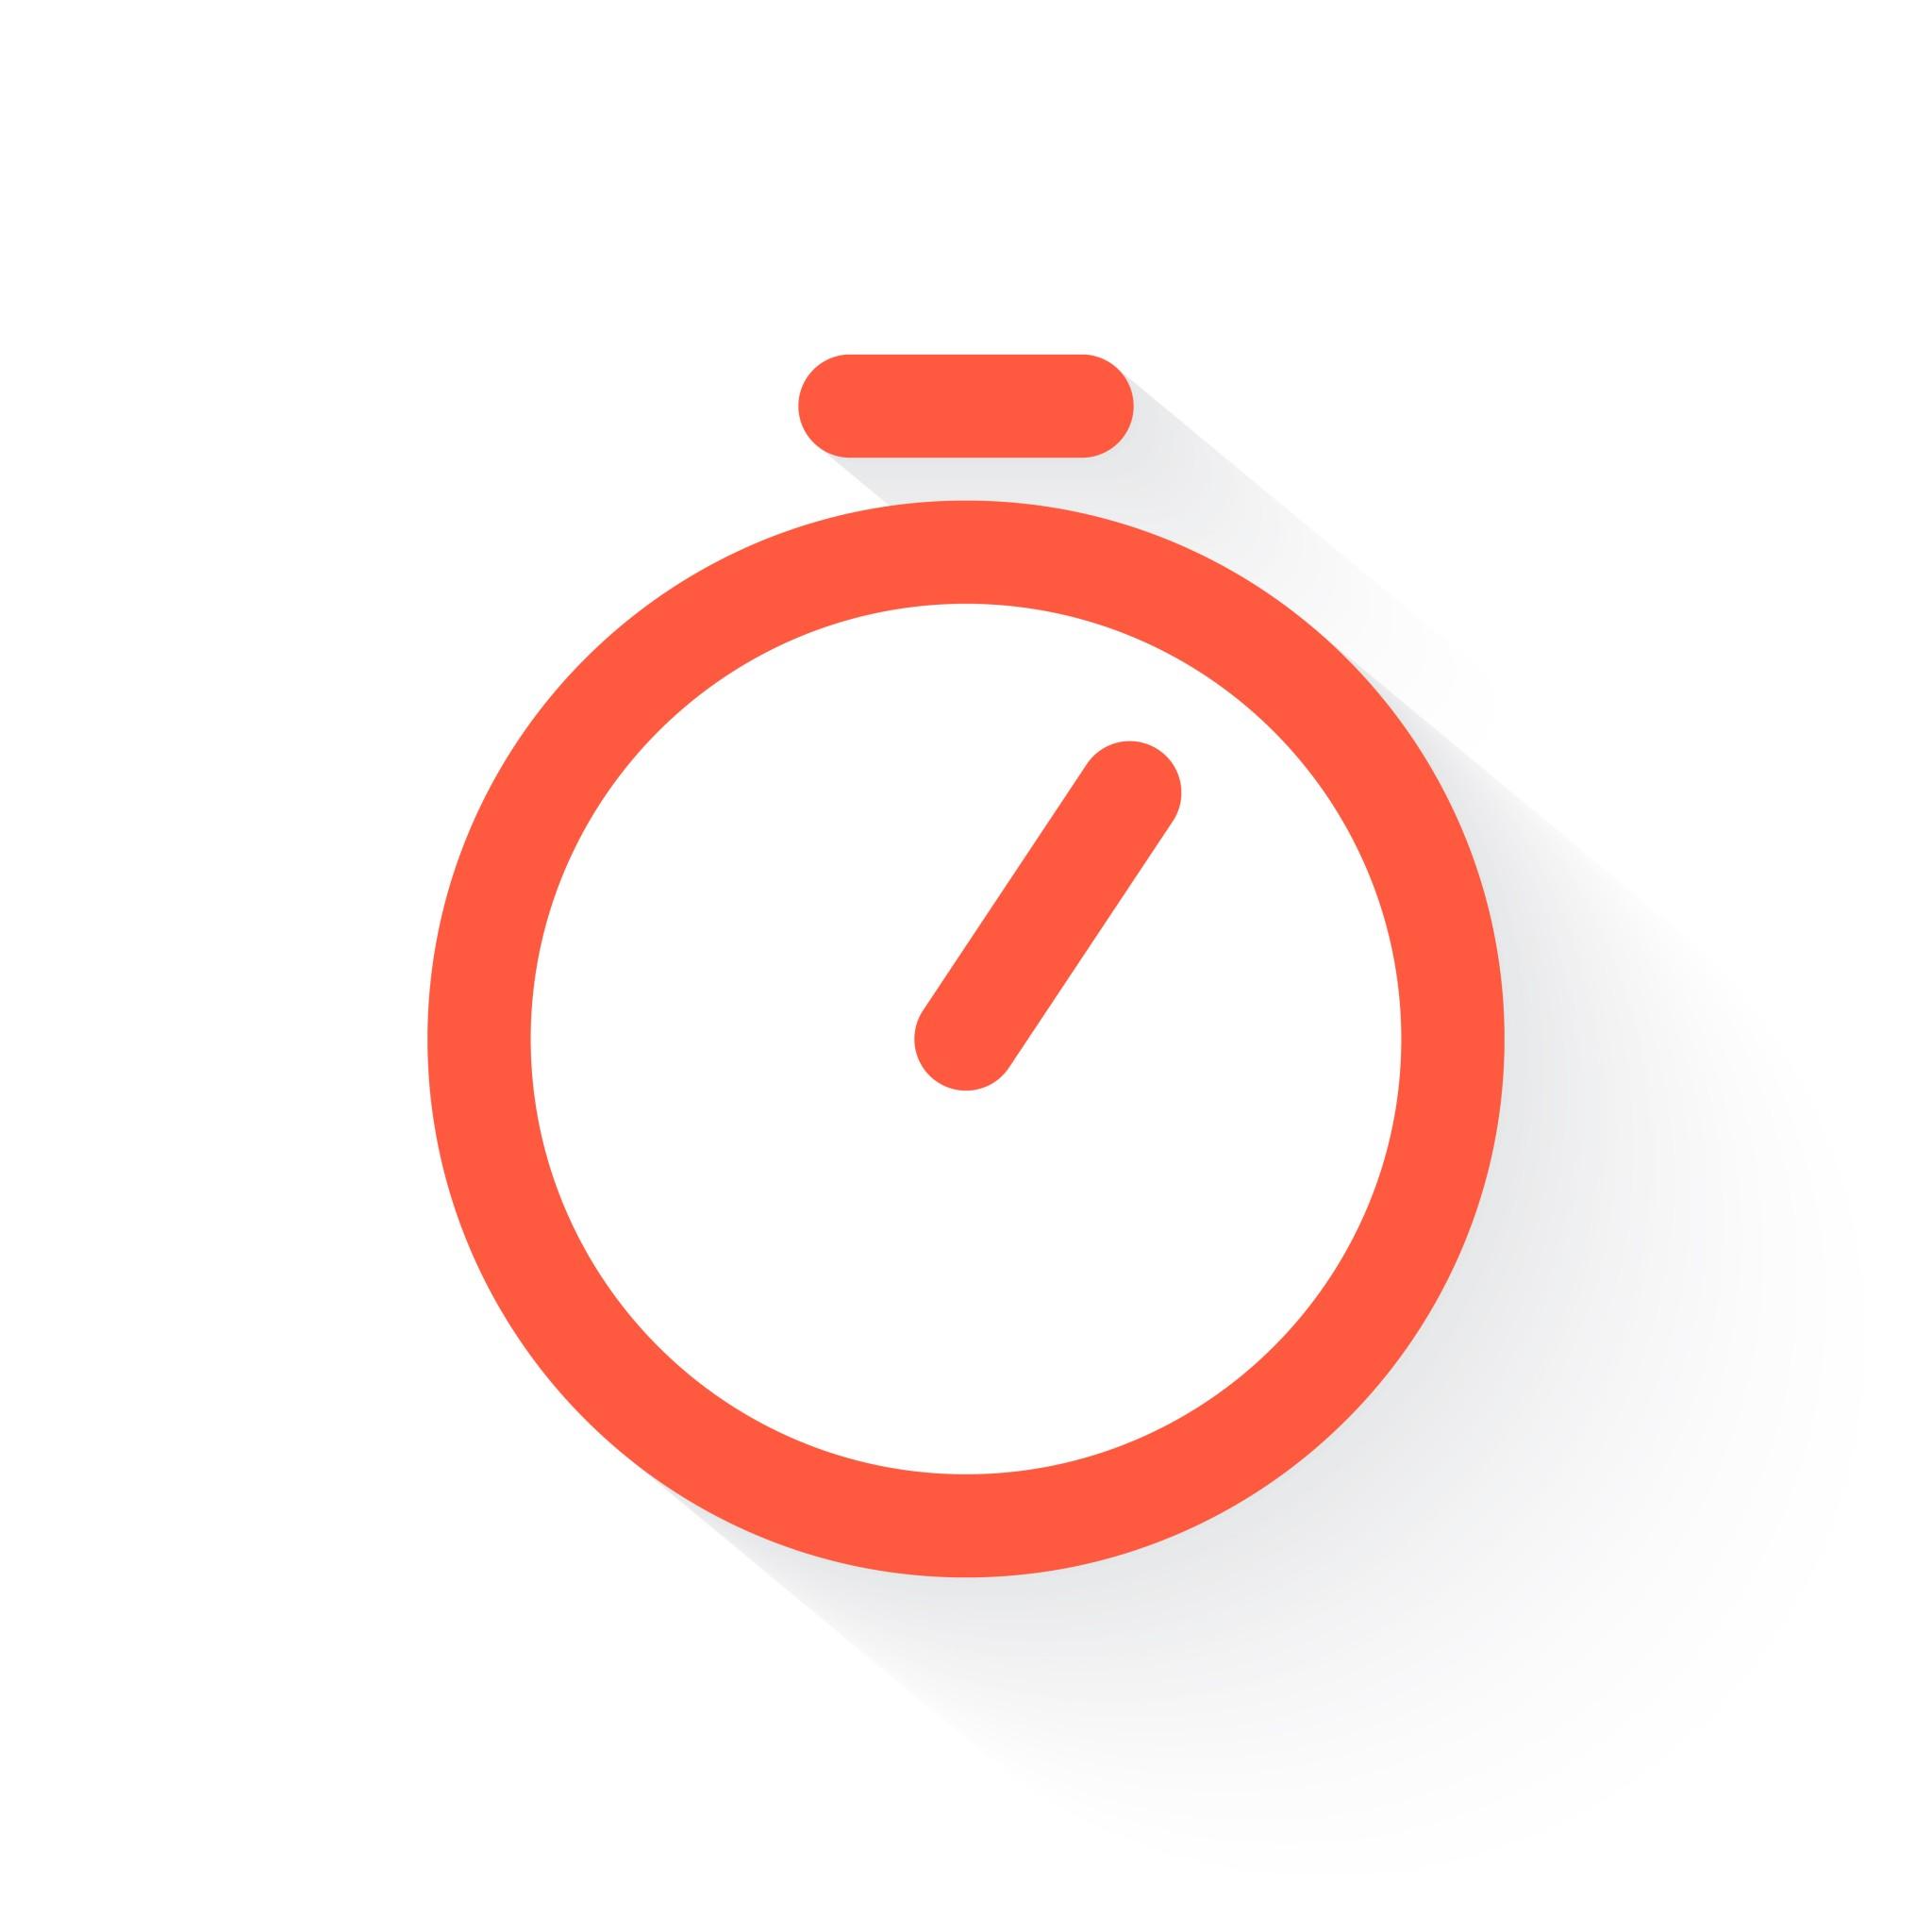 Gestionar el tiempo de forma productiva.